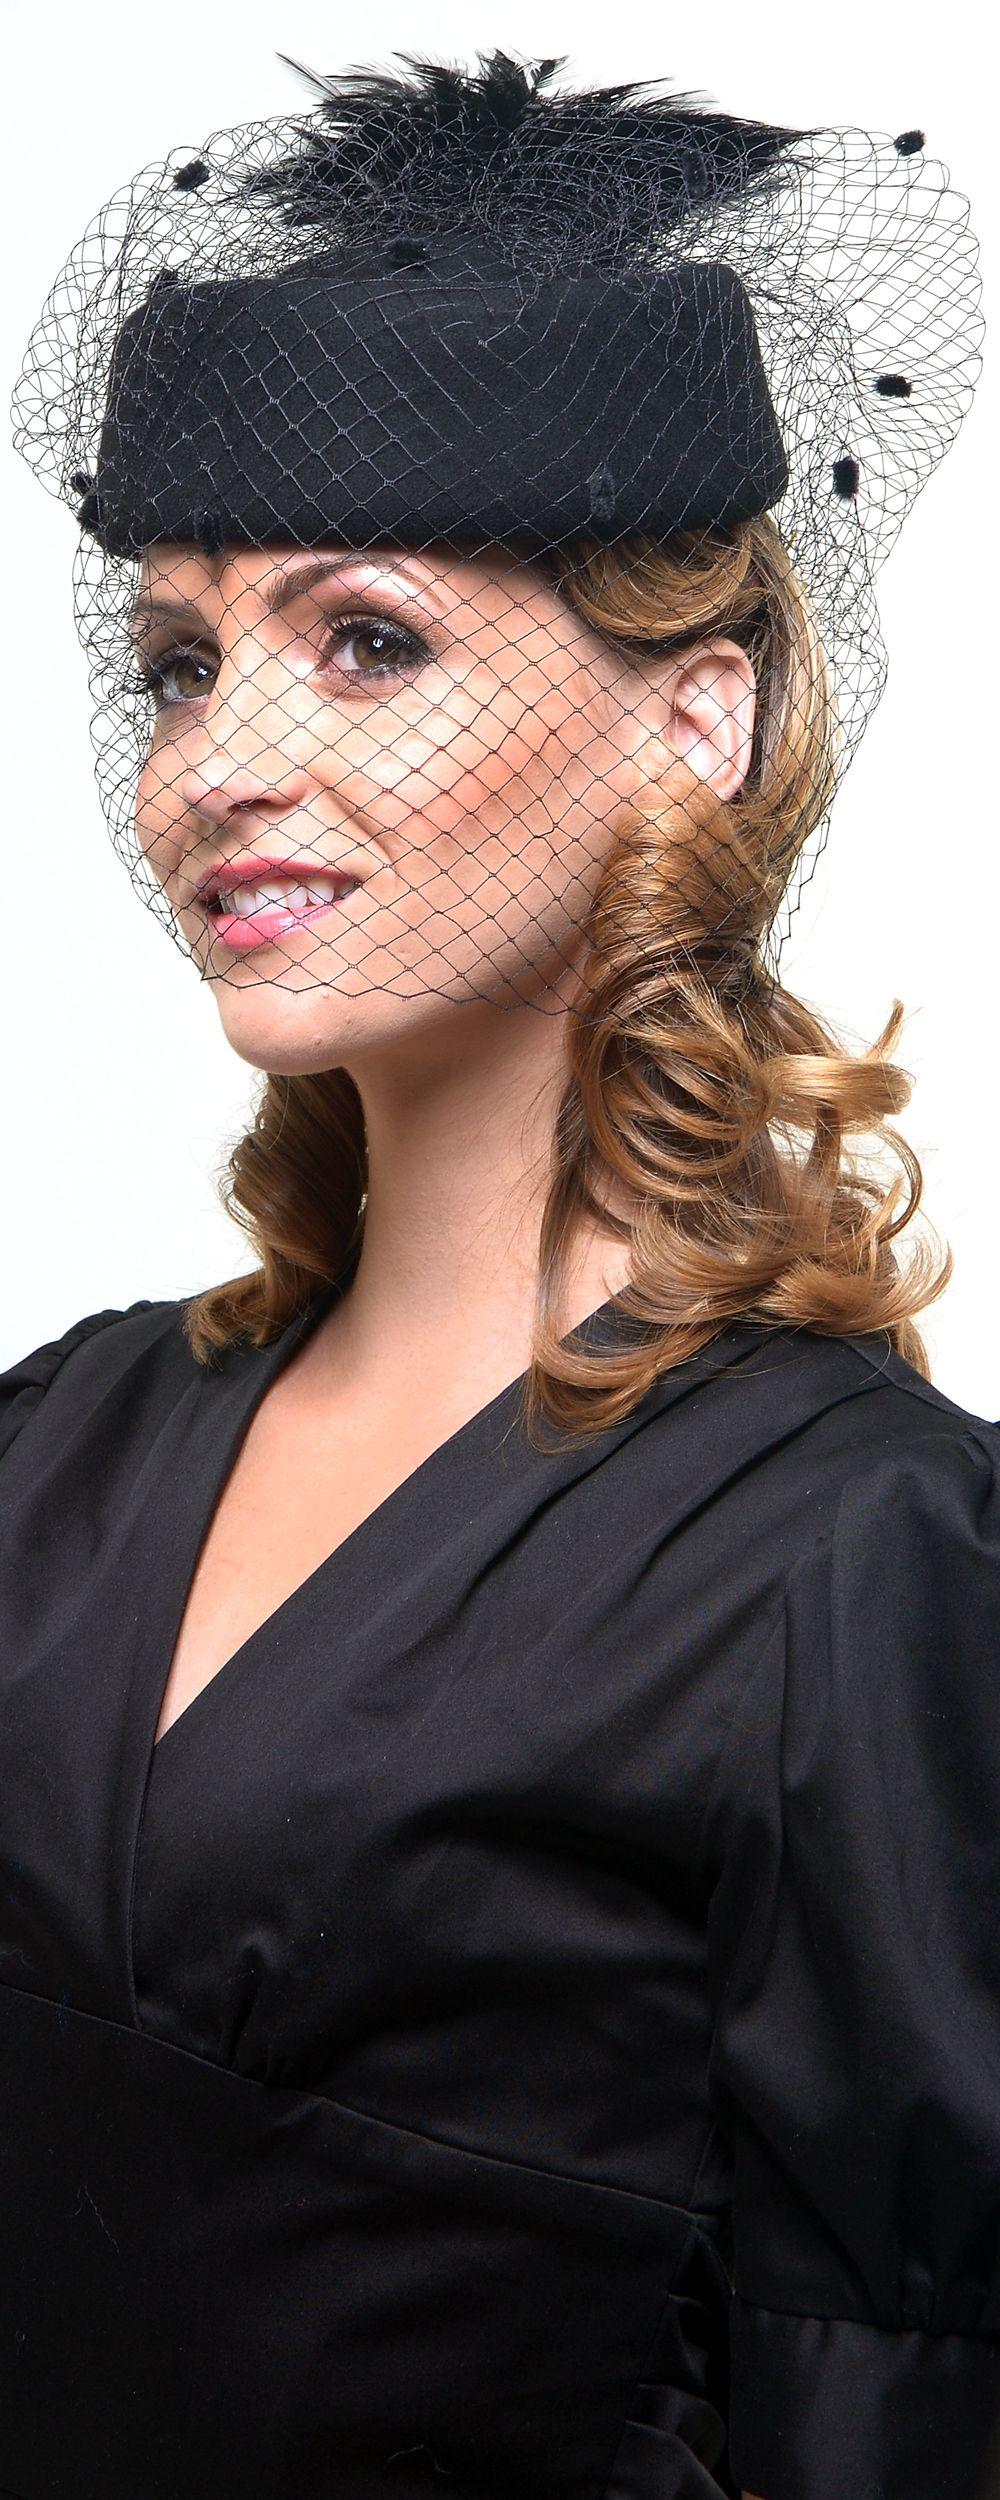 Black Felt Pill Box Hat With Feather   Veil Accent - Unique Vintage -  Cocktail 1ea299de9f83